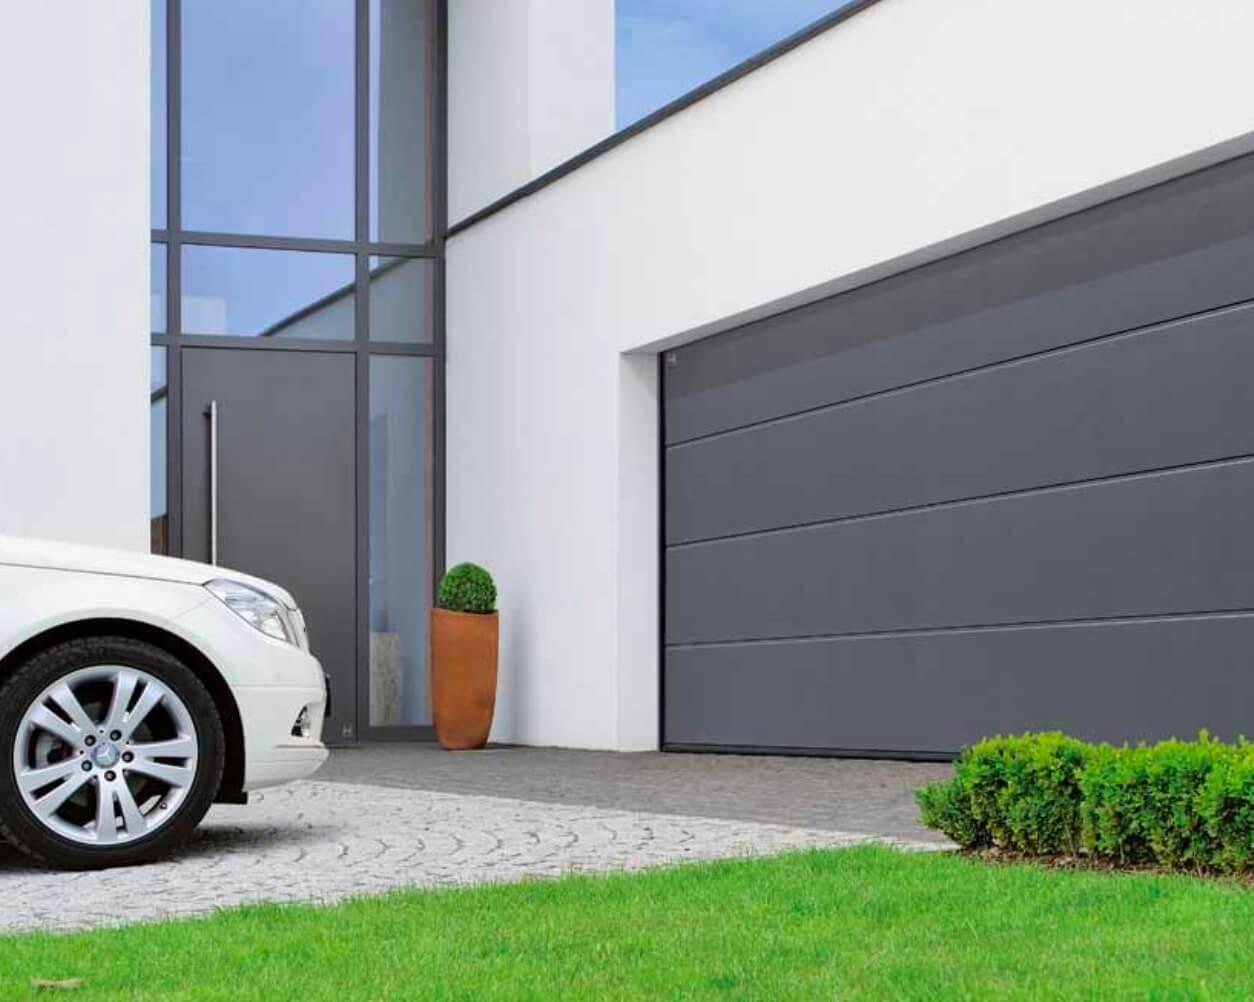 Hormann Garage sectionaaldeur Groningen BENGS Deuren(1)